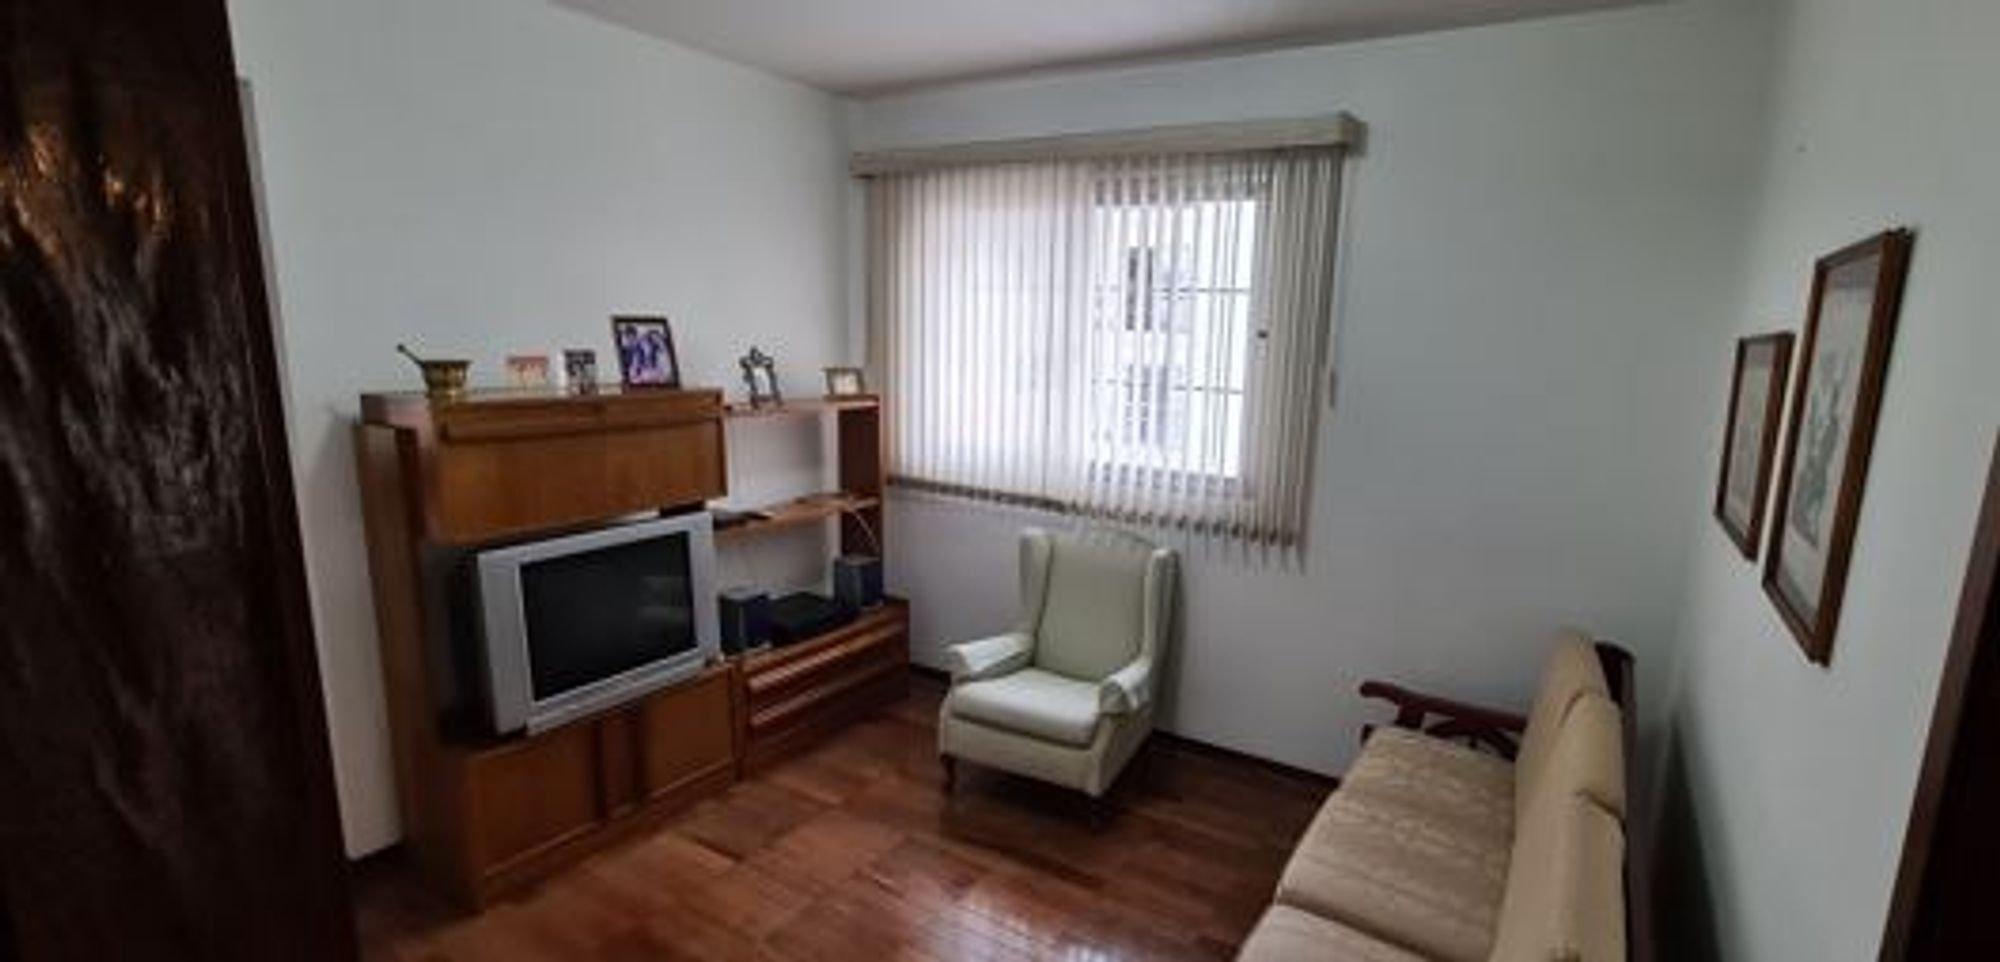 Foto de Corredor com televisão, cadeira